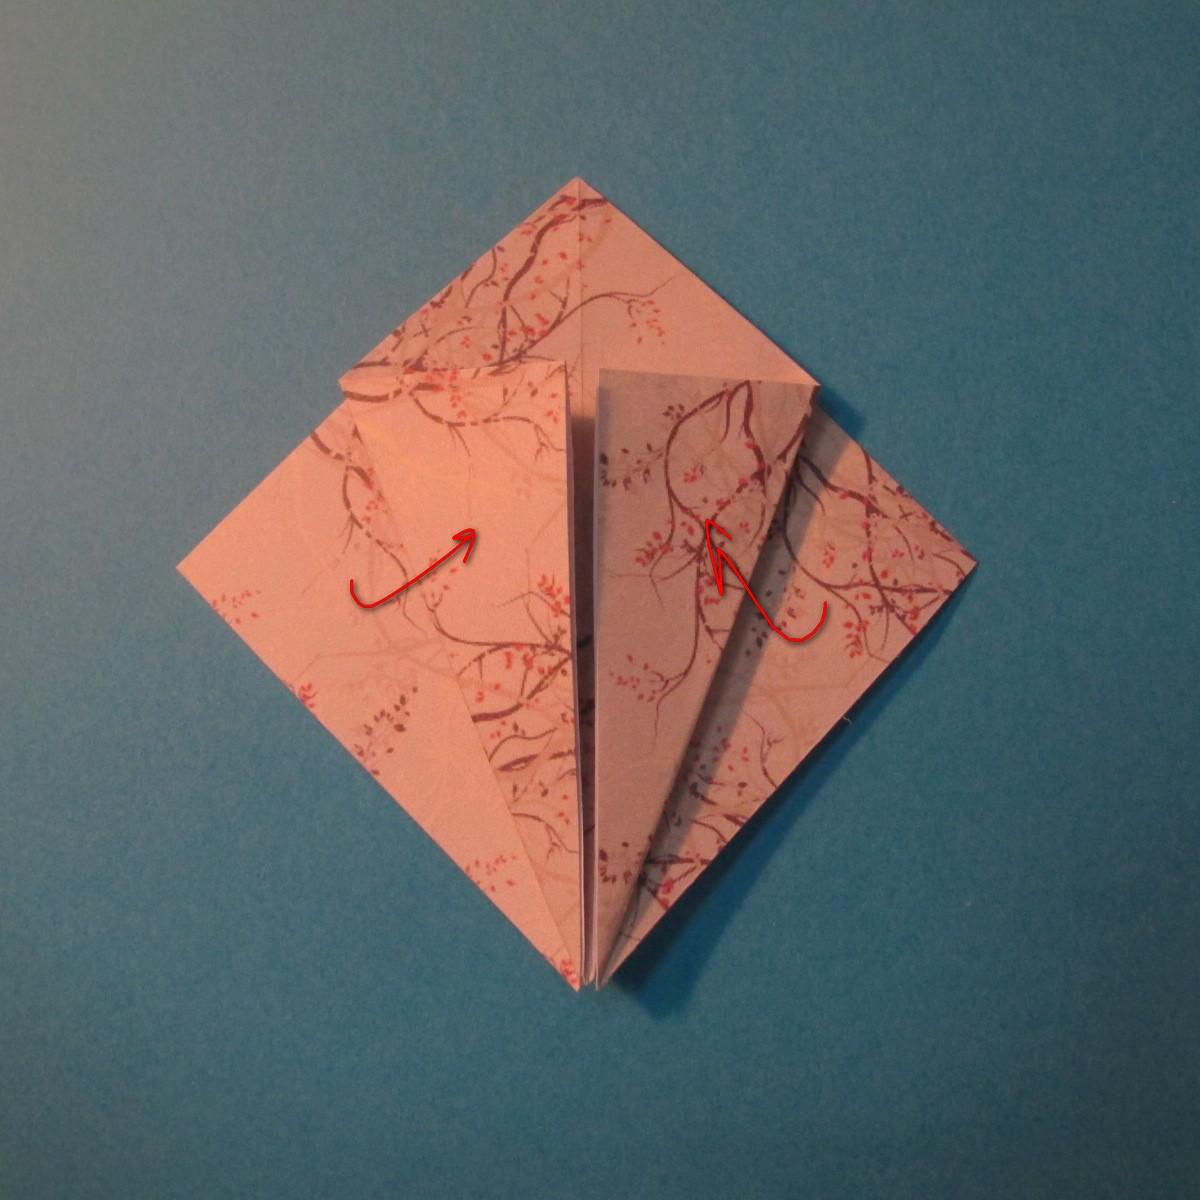 วิธีการพับกระดาษเป็นดาวสี่แฉก 009